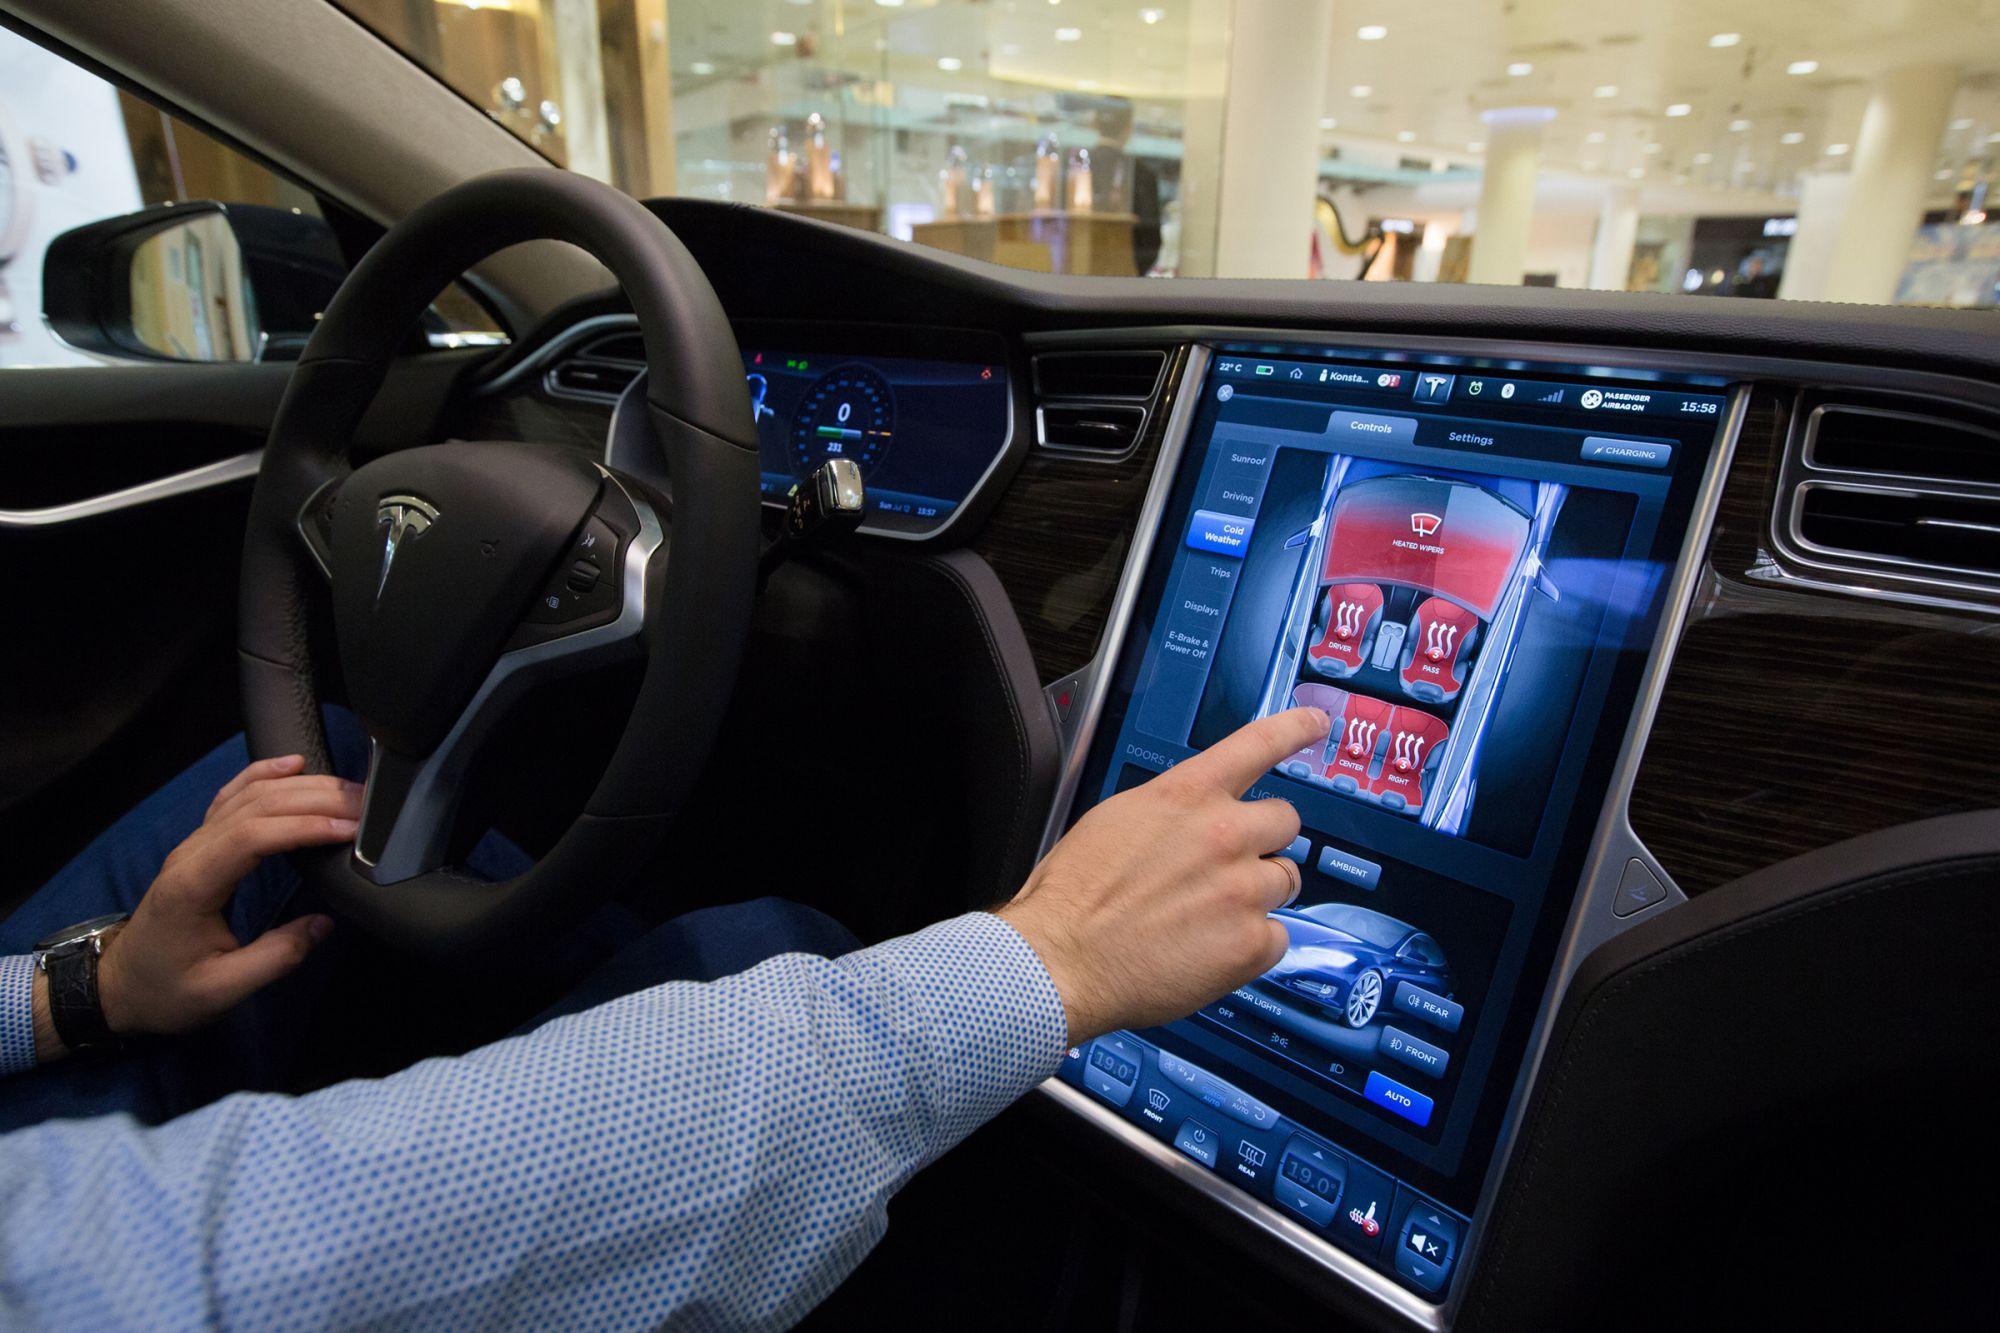 Екраните чувствителни на допир во автомобилите поопасни од возење под дејство на алкохол?